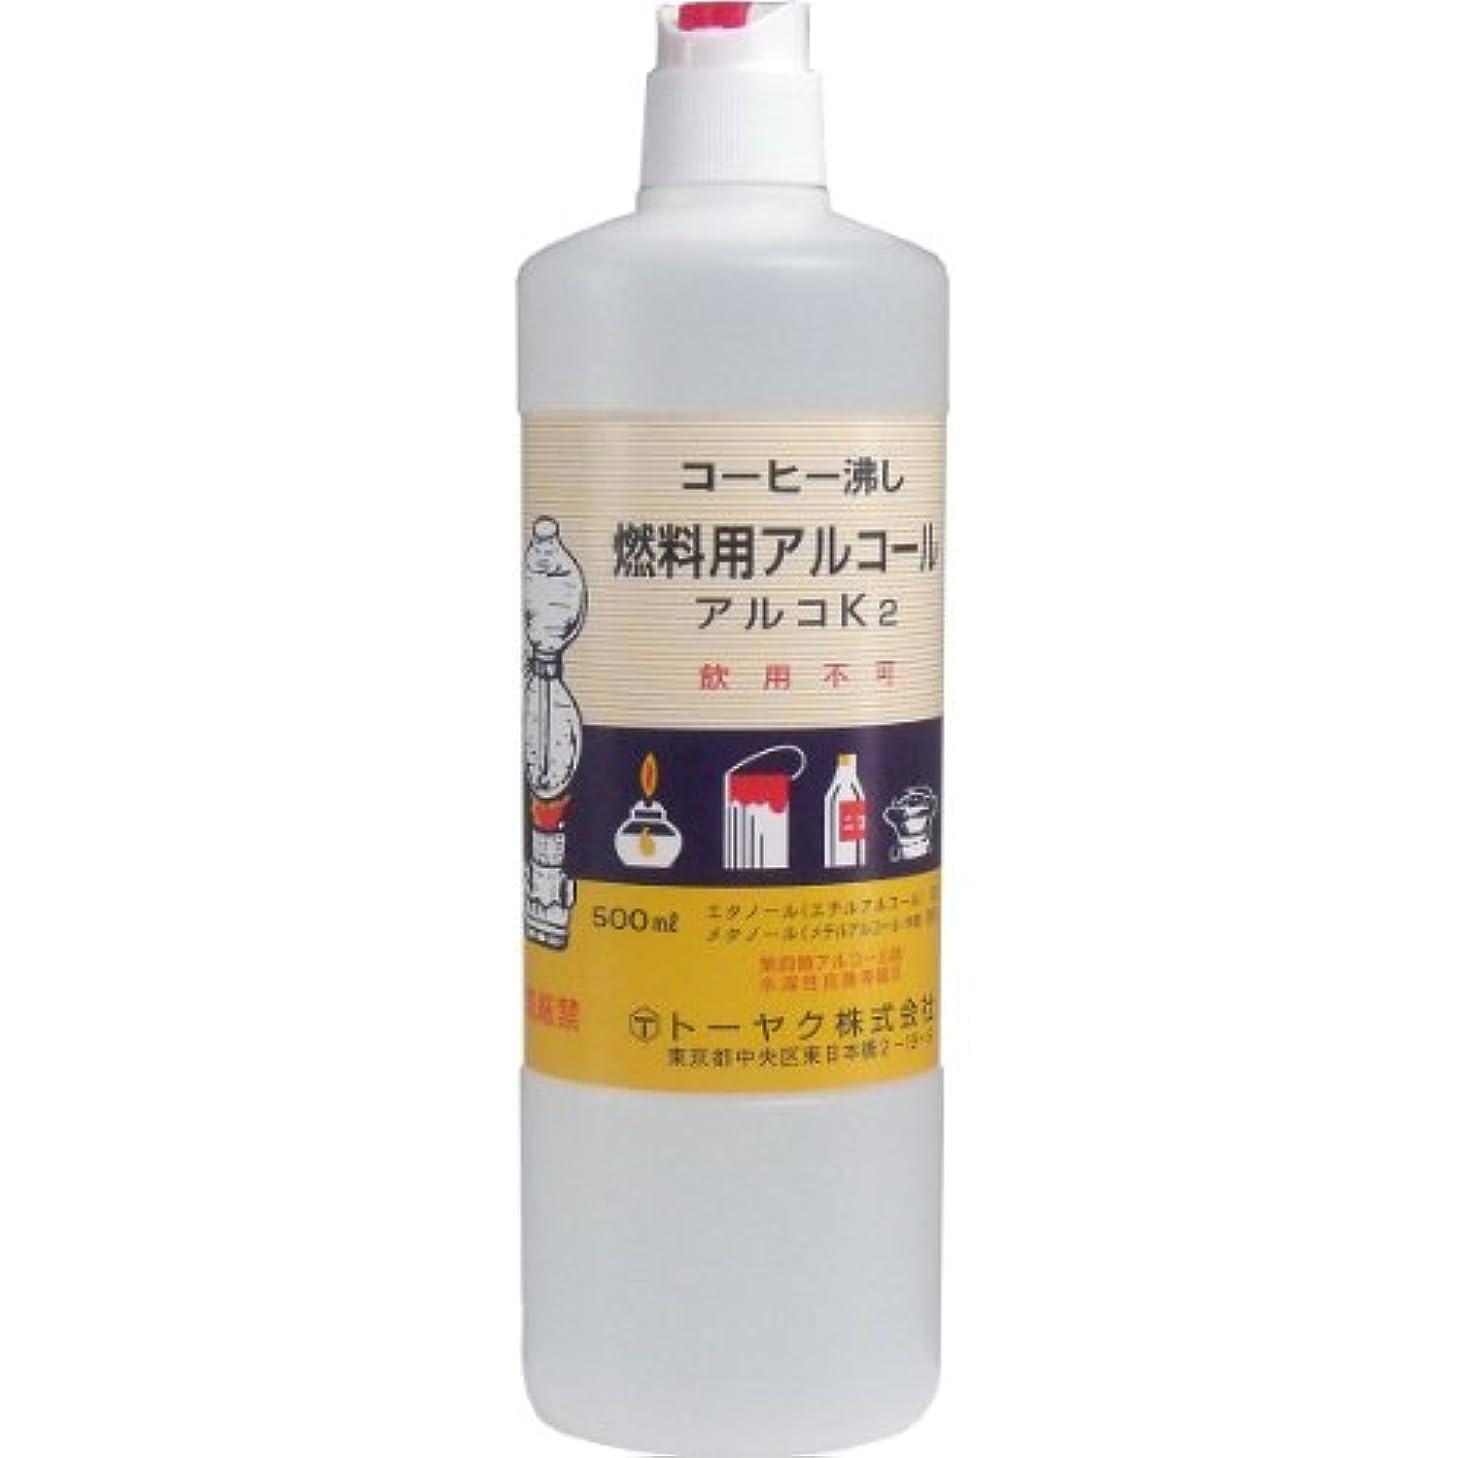 同情失礼政令燃料用アルコール アルコK2 ×3個セット